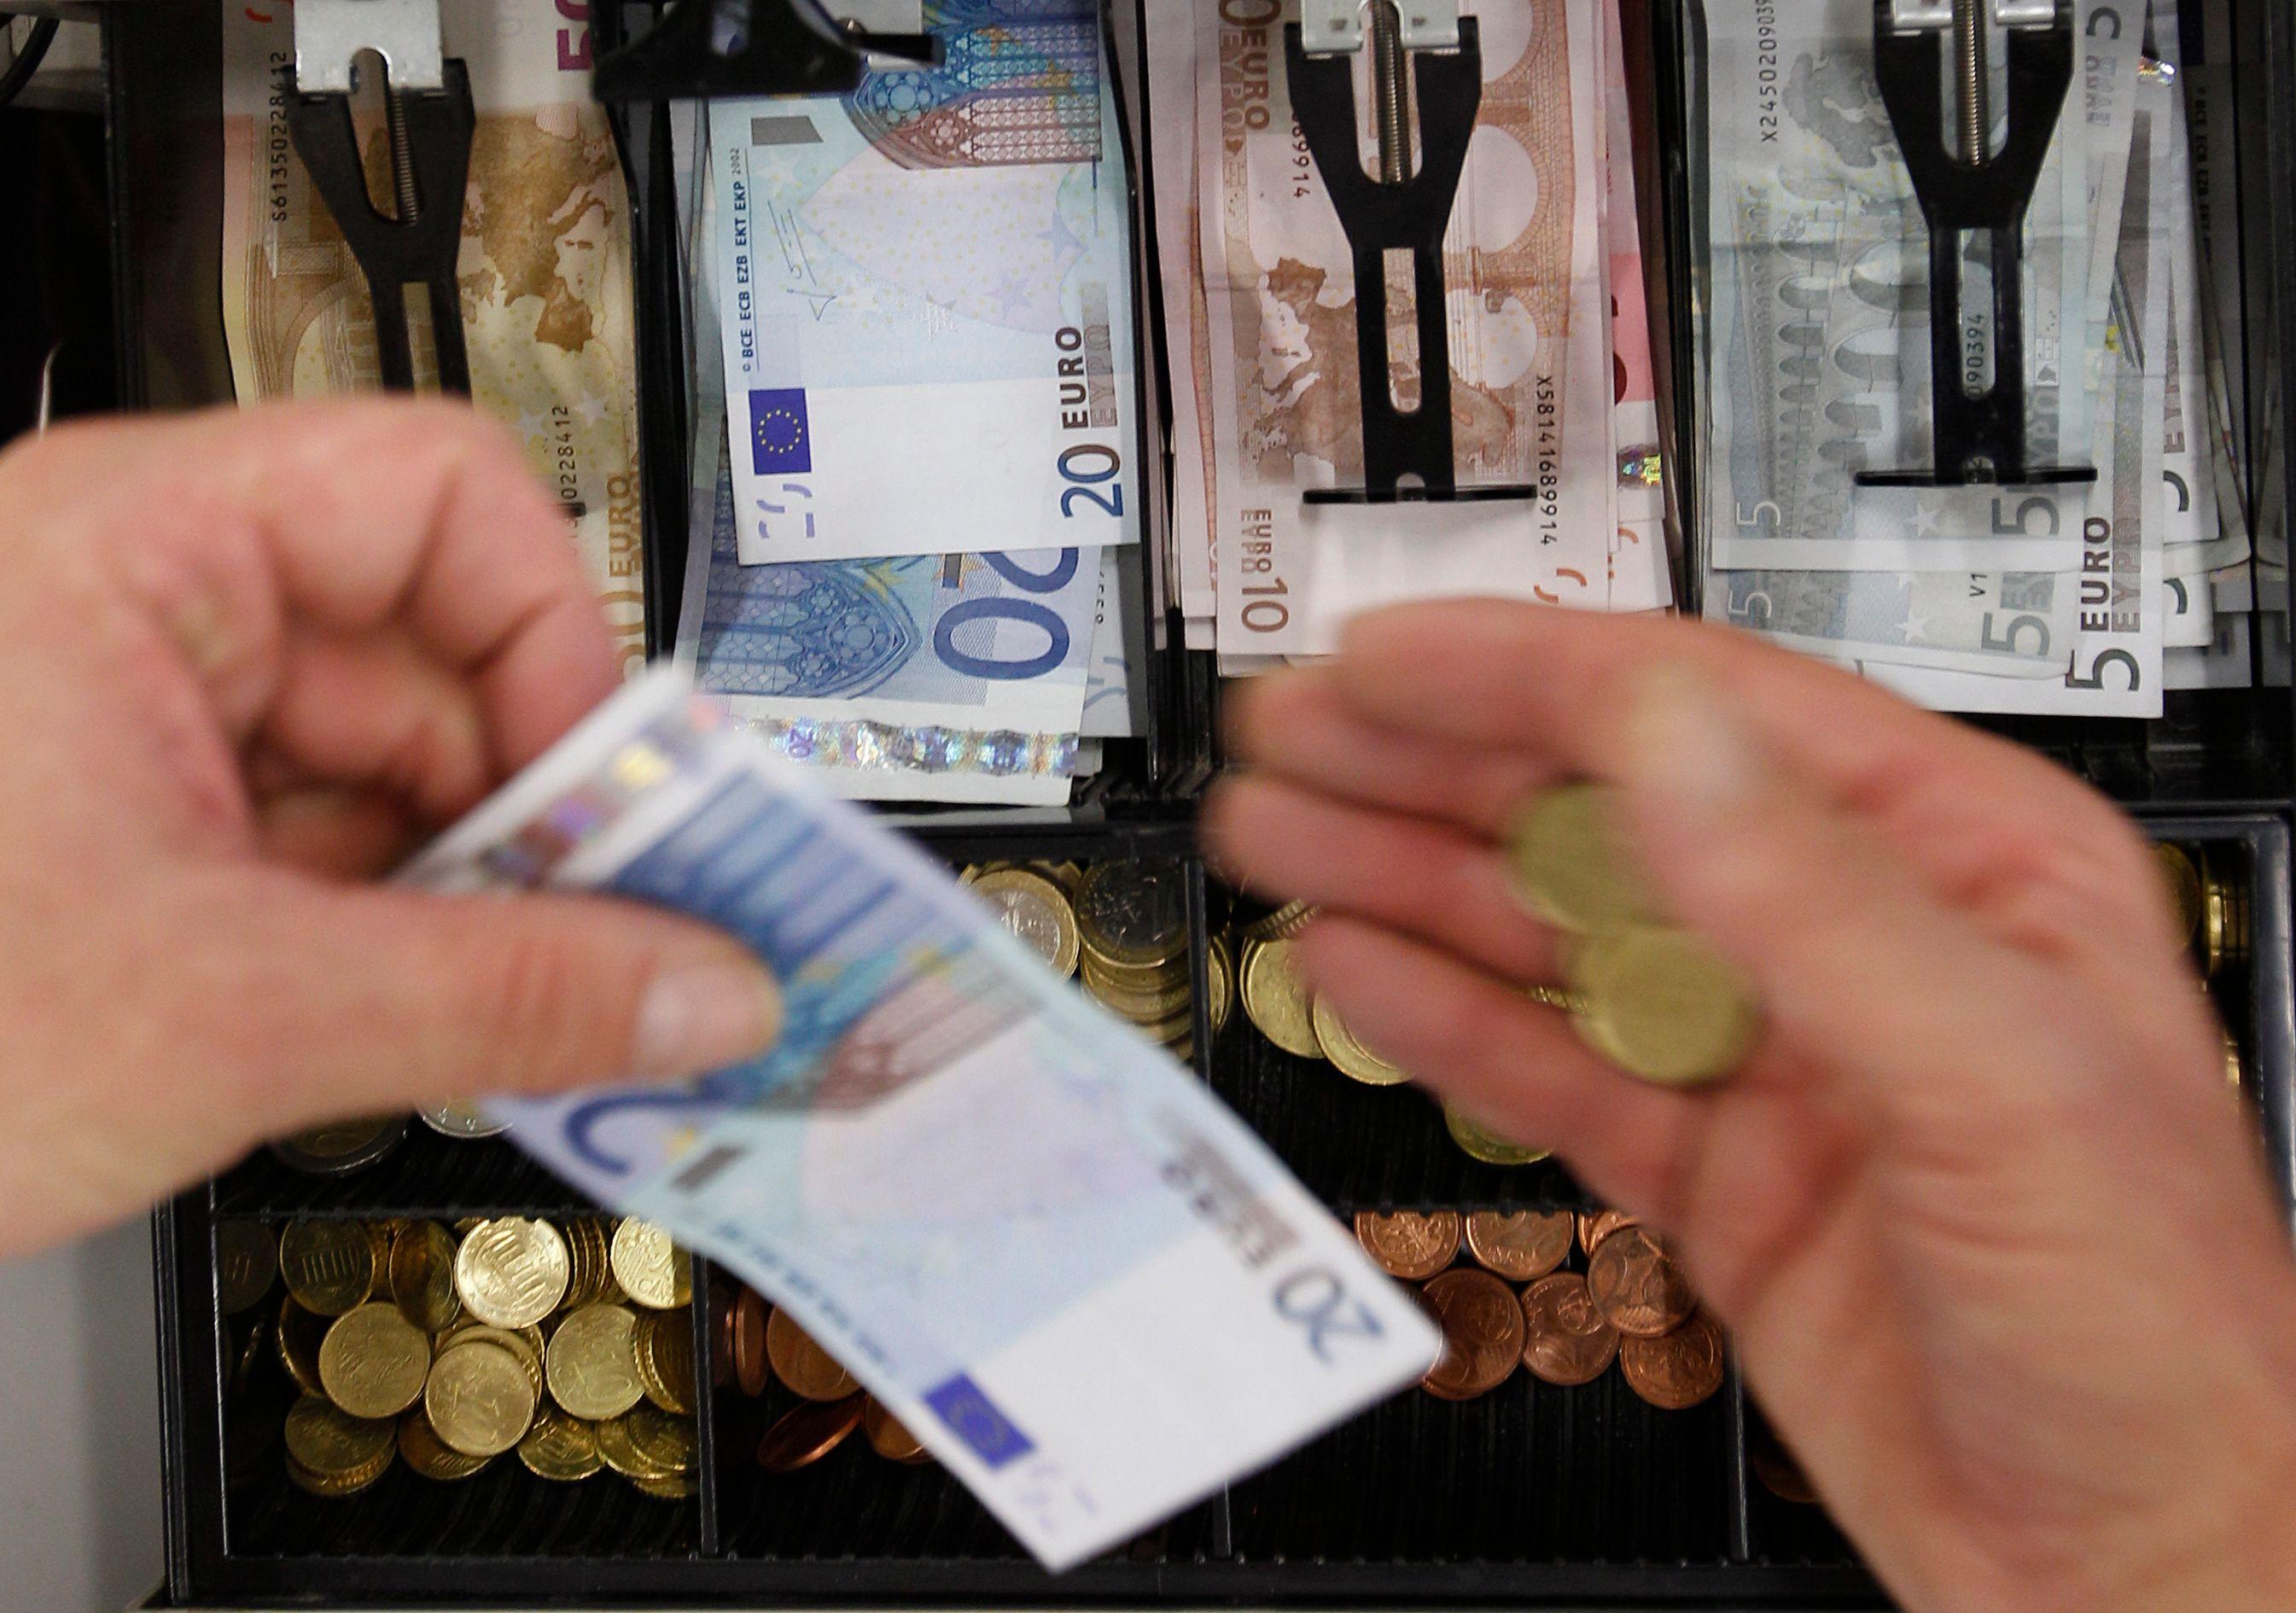 Enrico Macias condamné à payer 30 millions d'euros à la filiale luxembourgeoise d'une banque islandaise